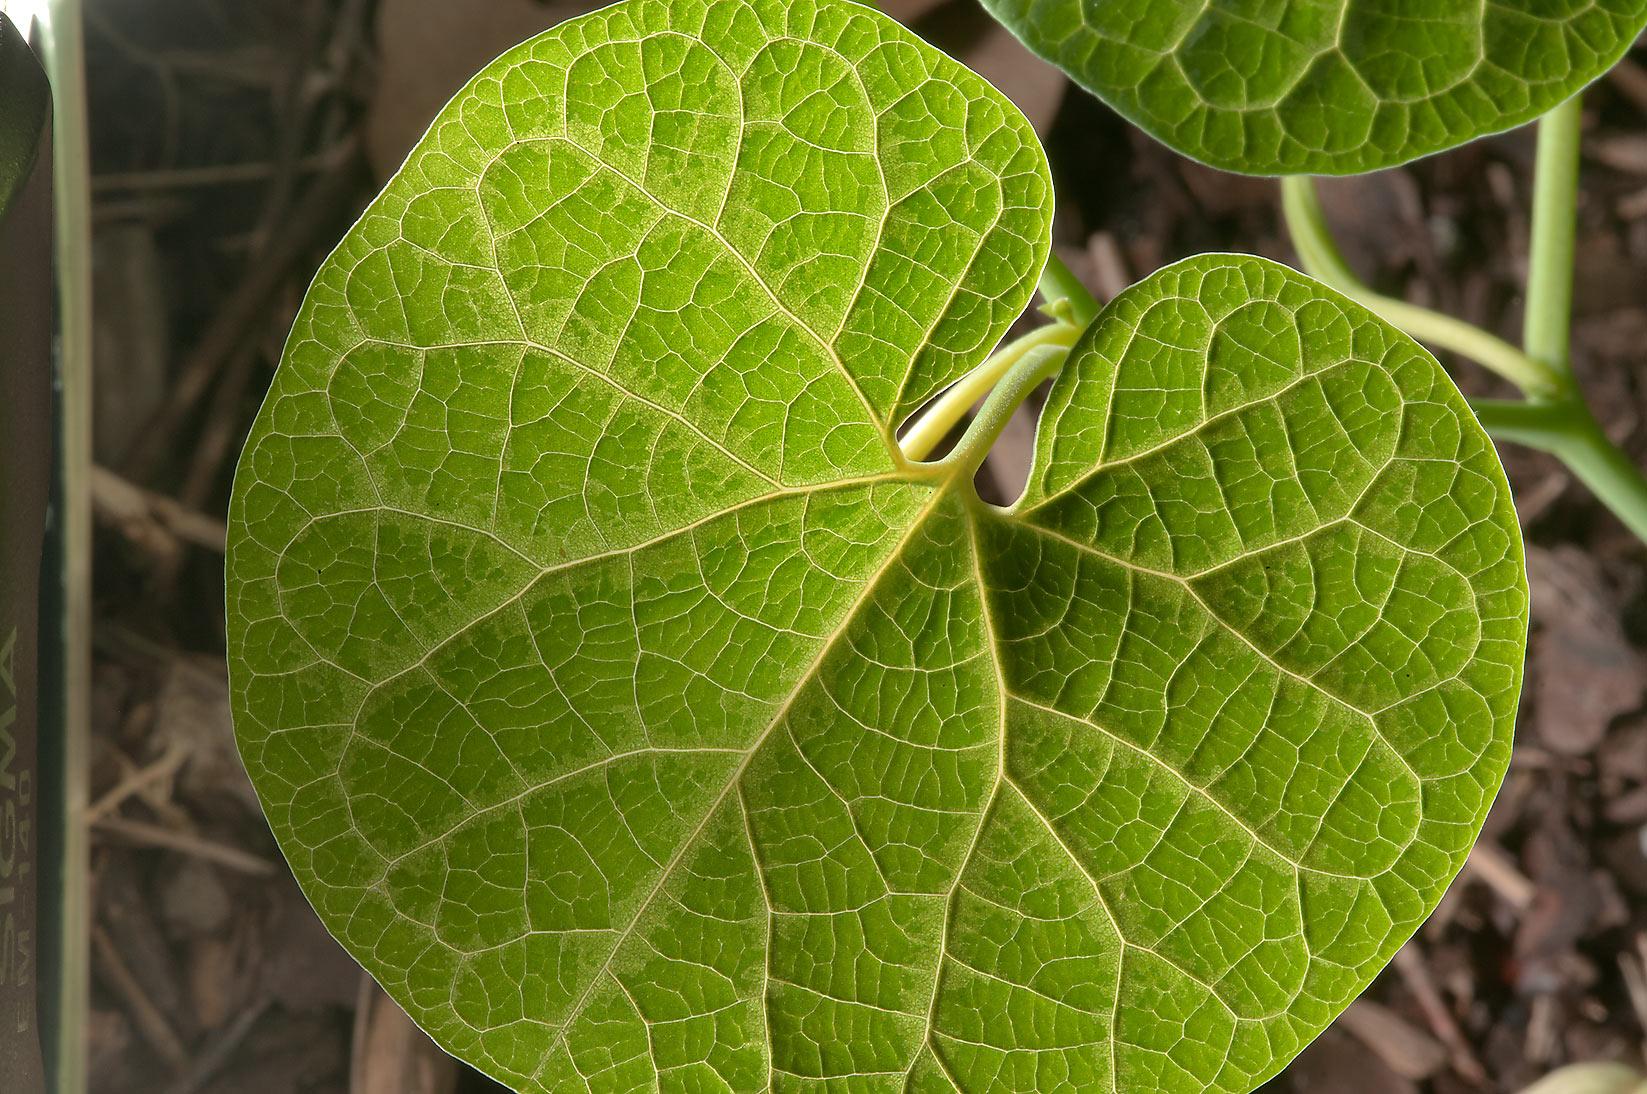 Photo 105809  Leaf venation in Mercer Arboretum and